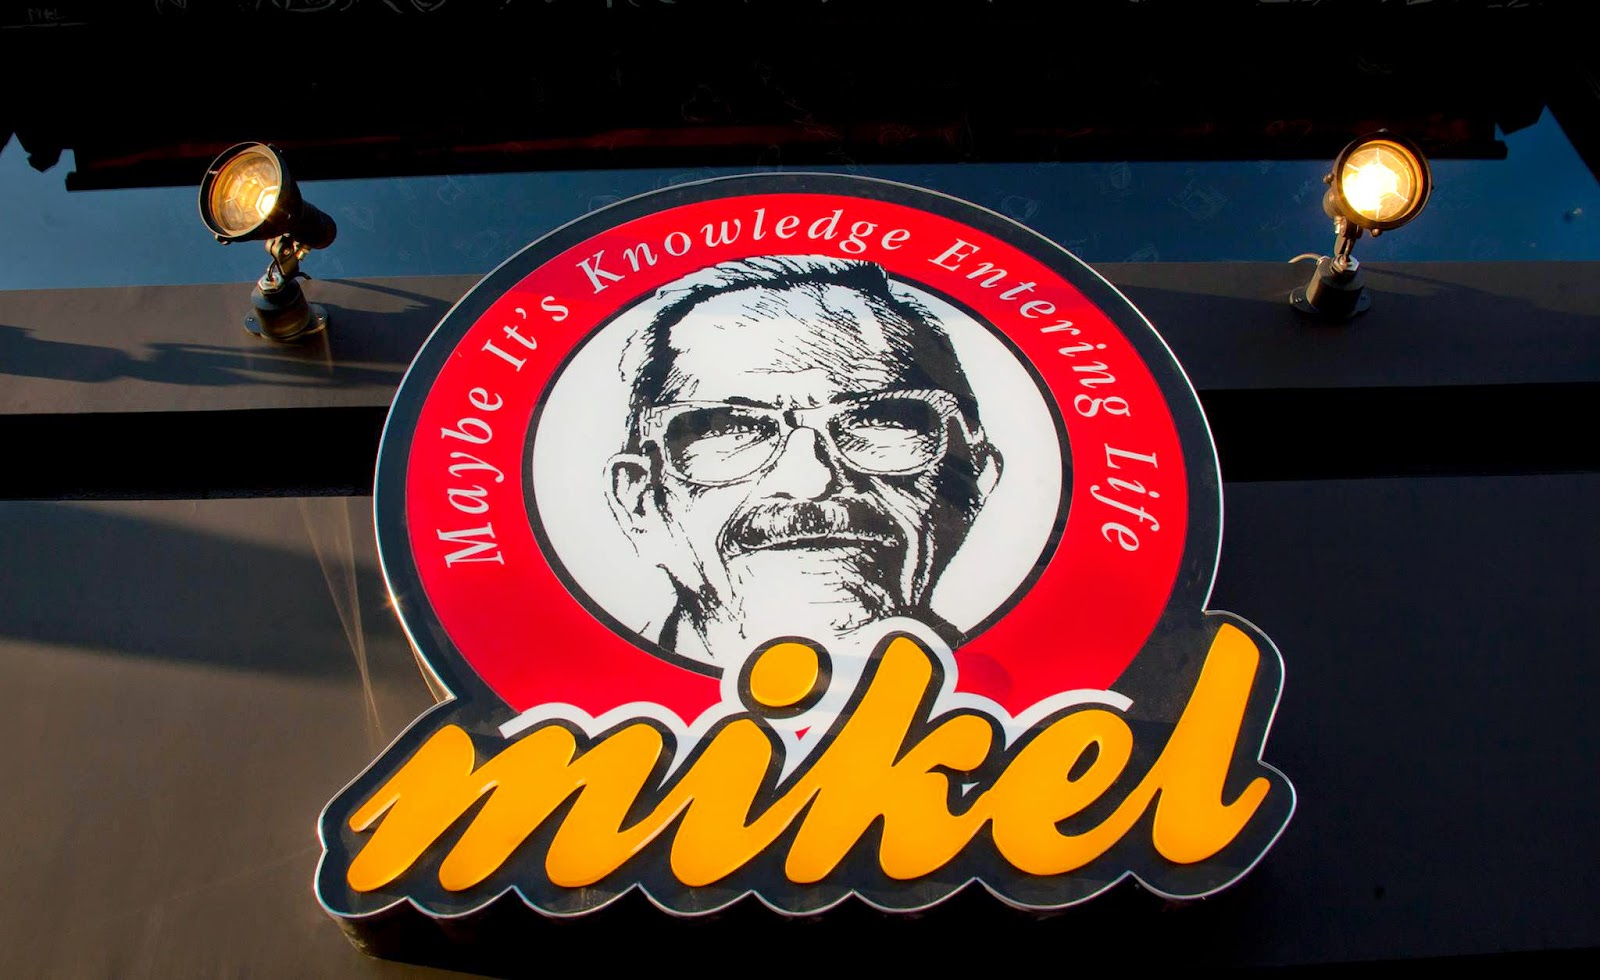 Η εταιρία καταστημάτων καφεστίασης ''MIKEL'' ζητά άτομα για να στελεχώσει τα καταστήματά της στα Γιάννενα